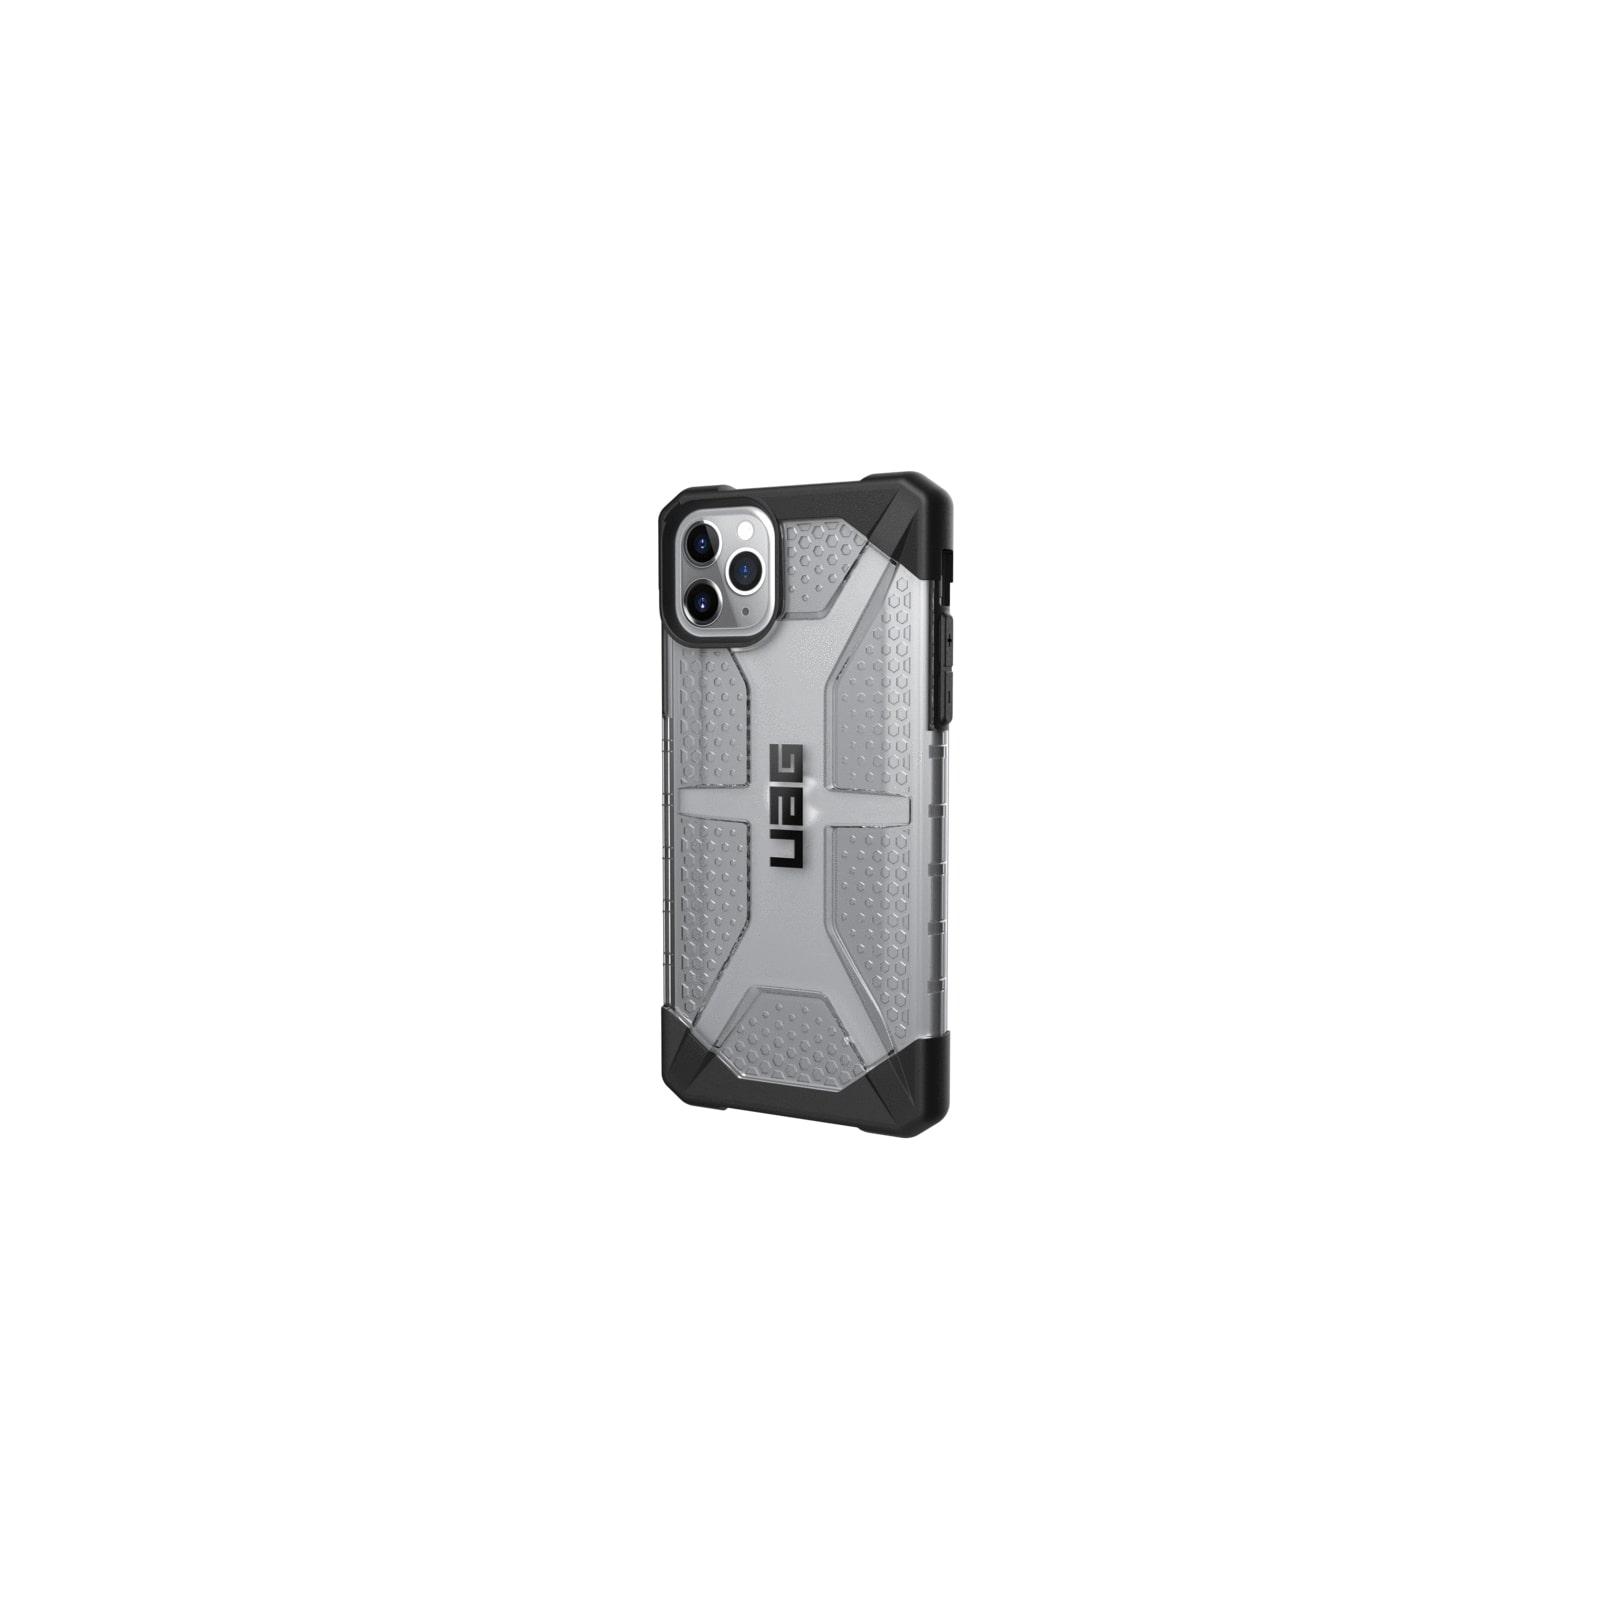 Чехол для моб. телефона Uag iPhone 11 Pro Max Plasma, Ice (111723114343) изображение 2